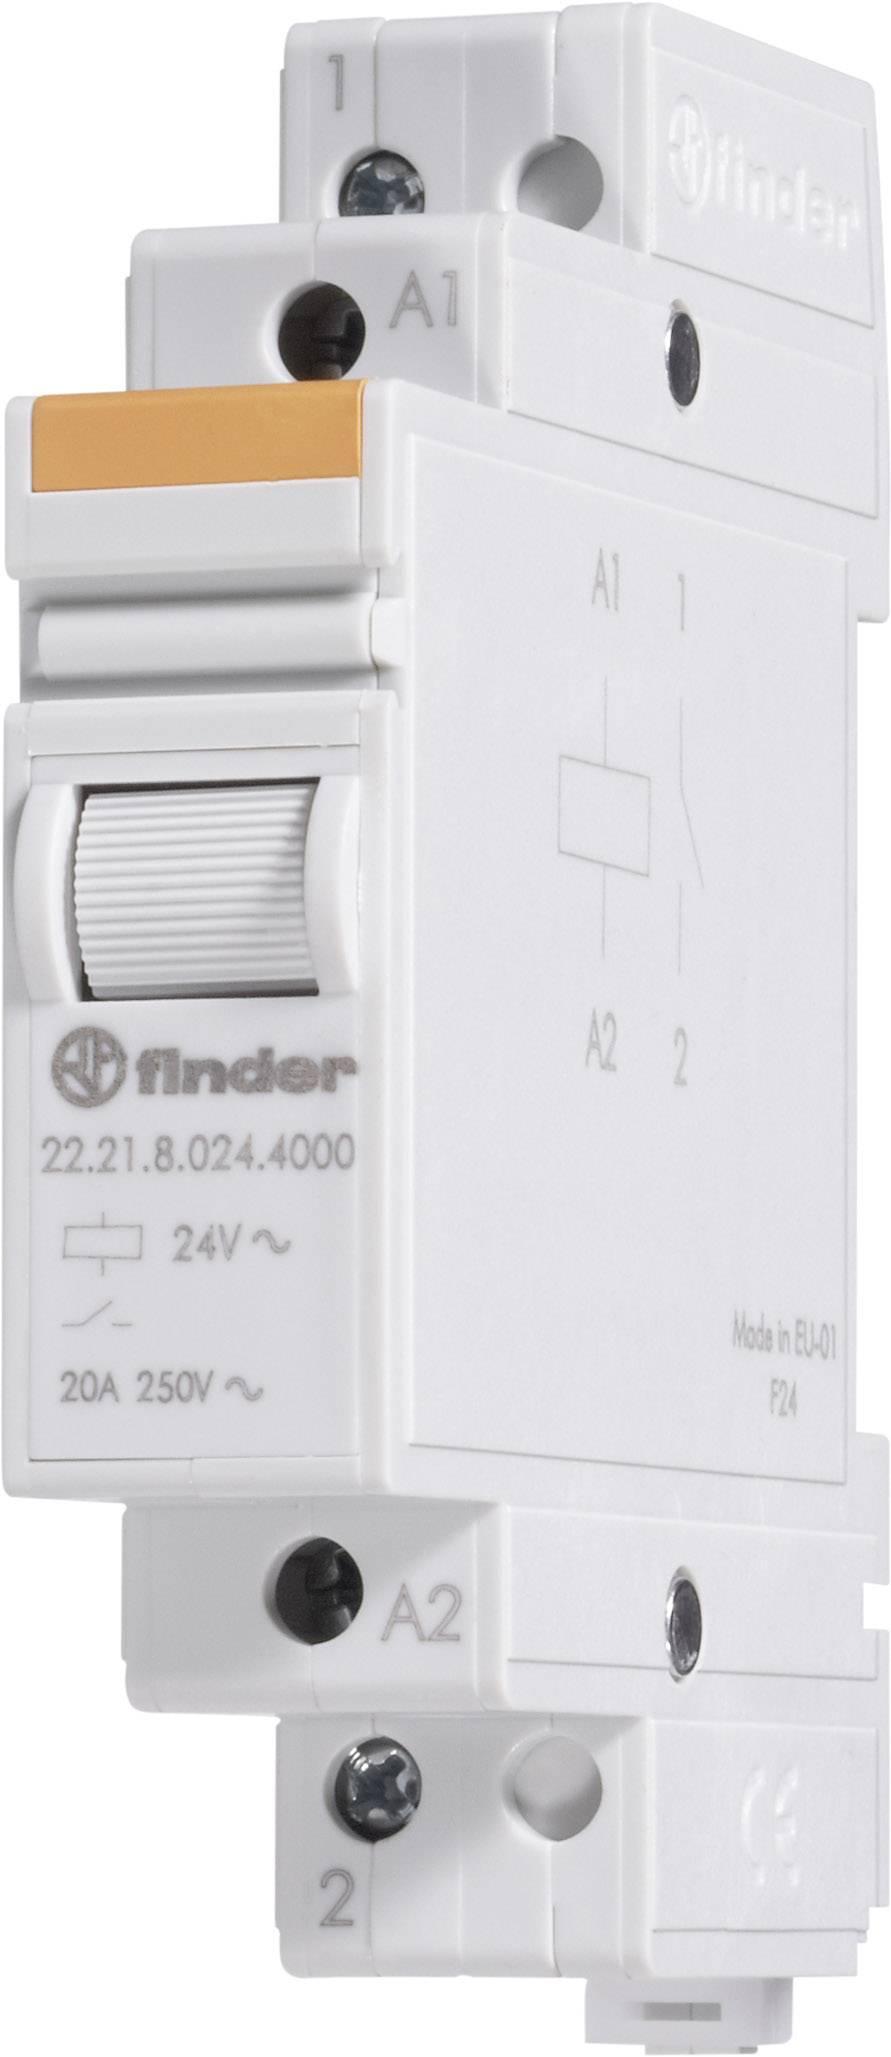 Instalační relé Finder 22.21.8.024.4000, 1 spínací kontakt